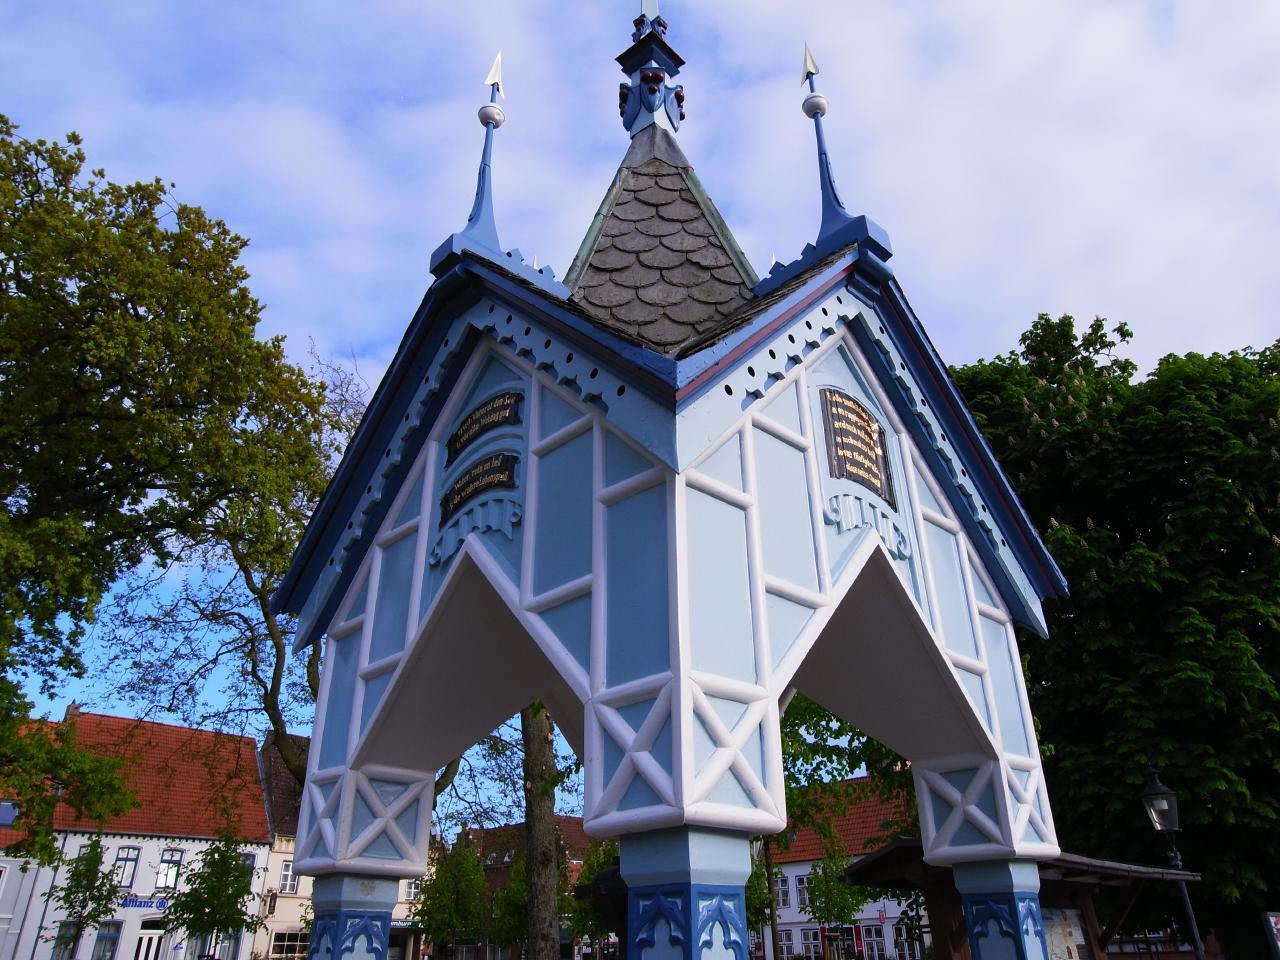 Ferienhaus 1. Quartier (129998), Friedrichstadt, Nordfriesland, Schleswig-Holstein, Deutschland, Bild 33